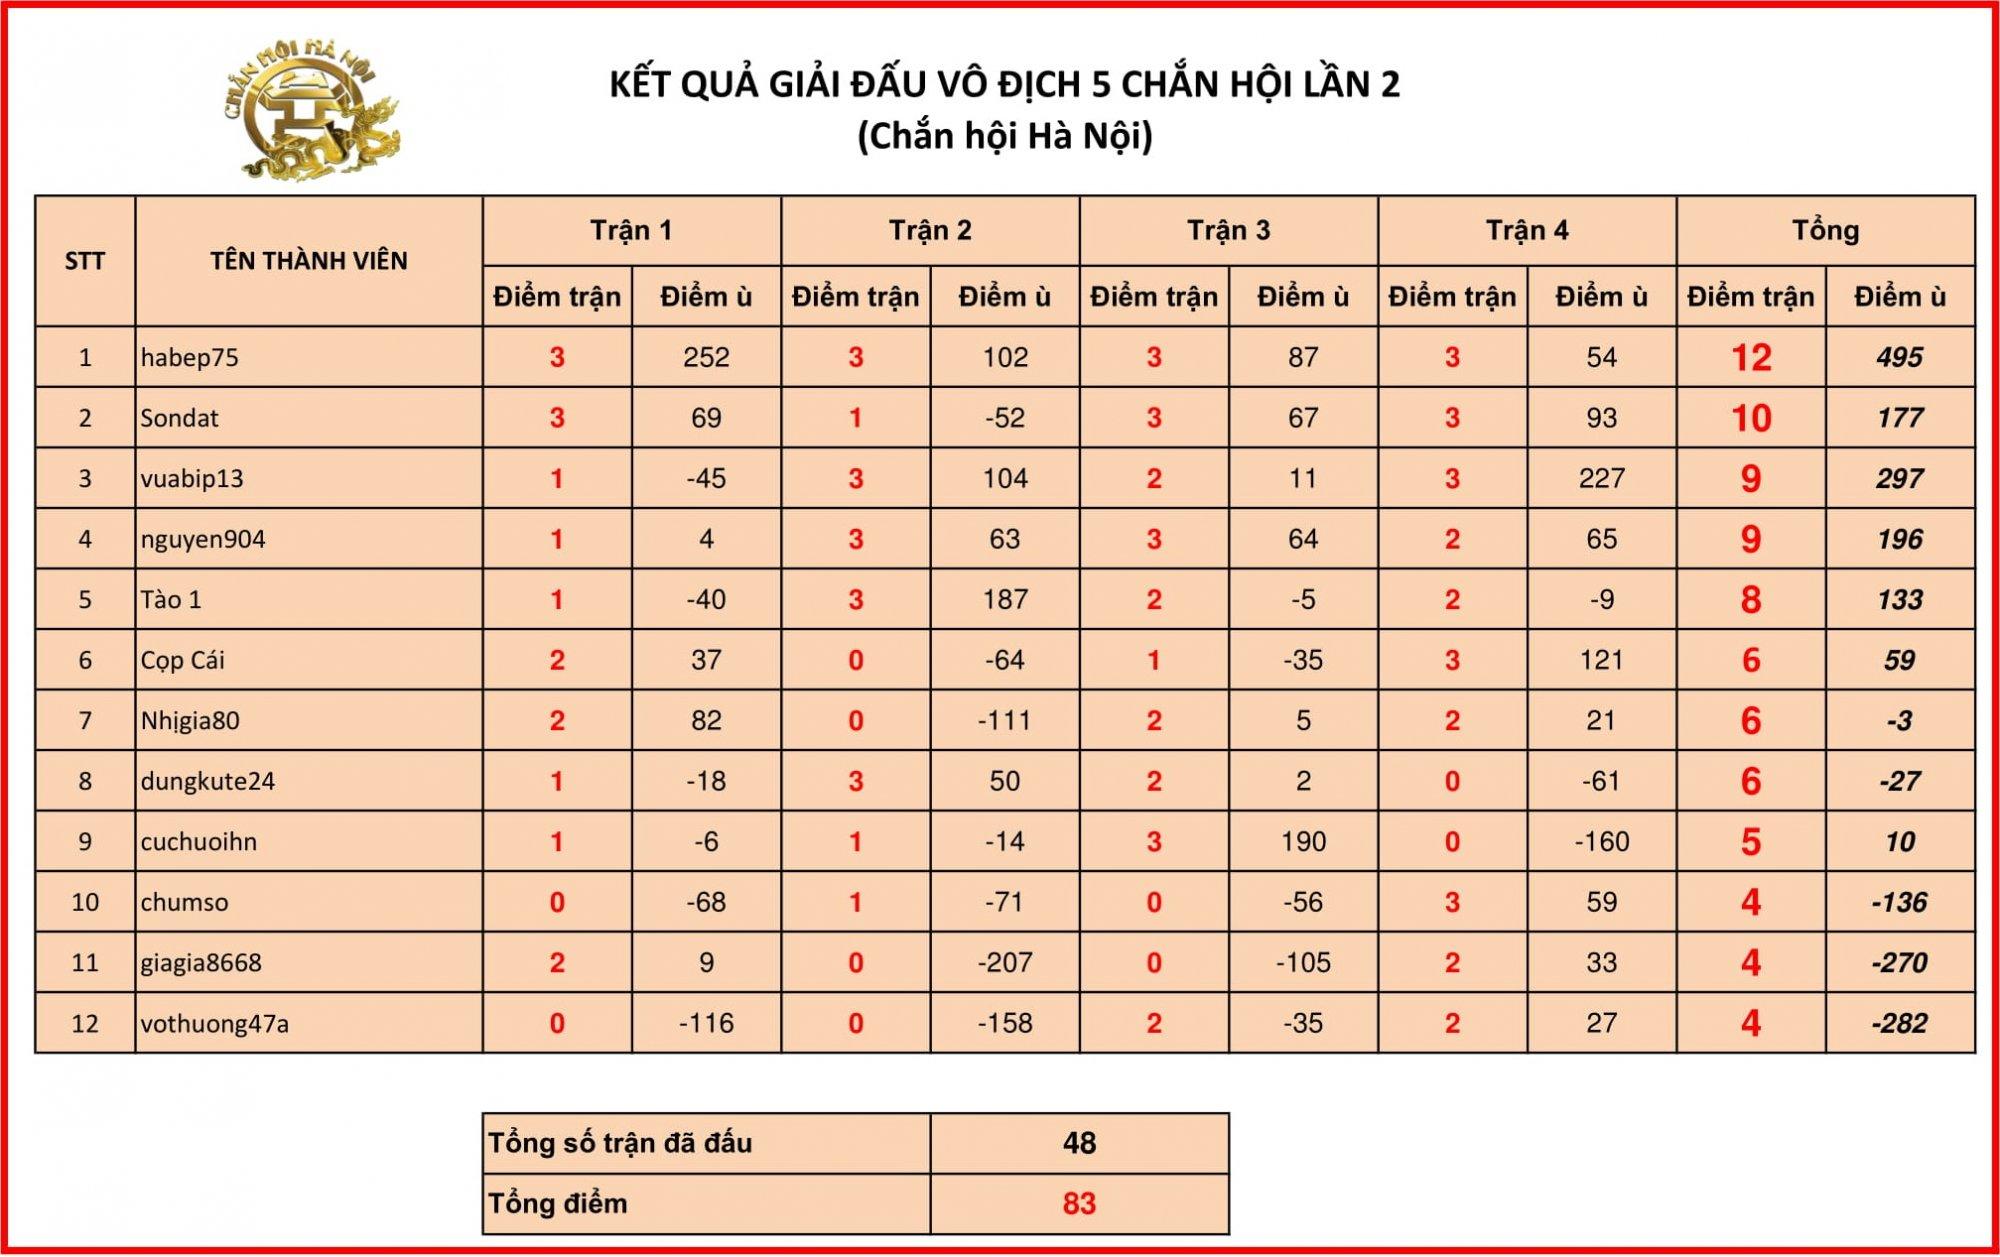 CHHN_final-1.